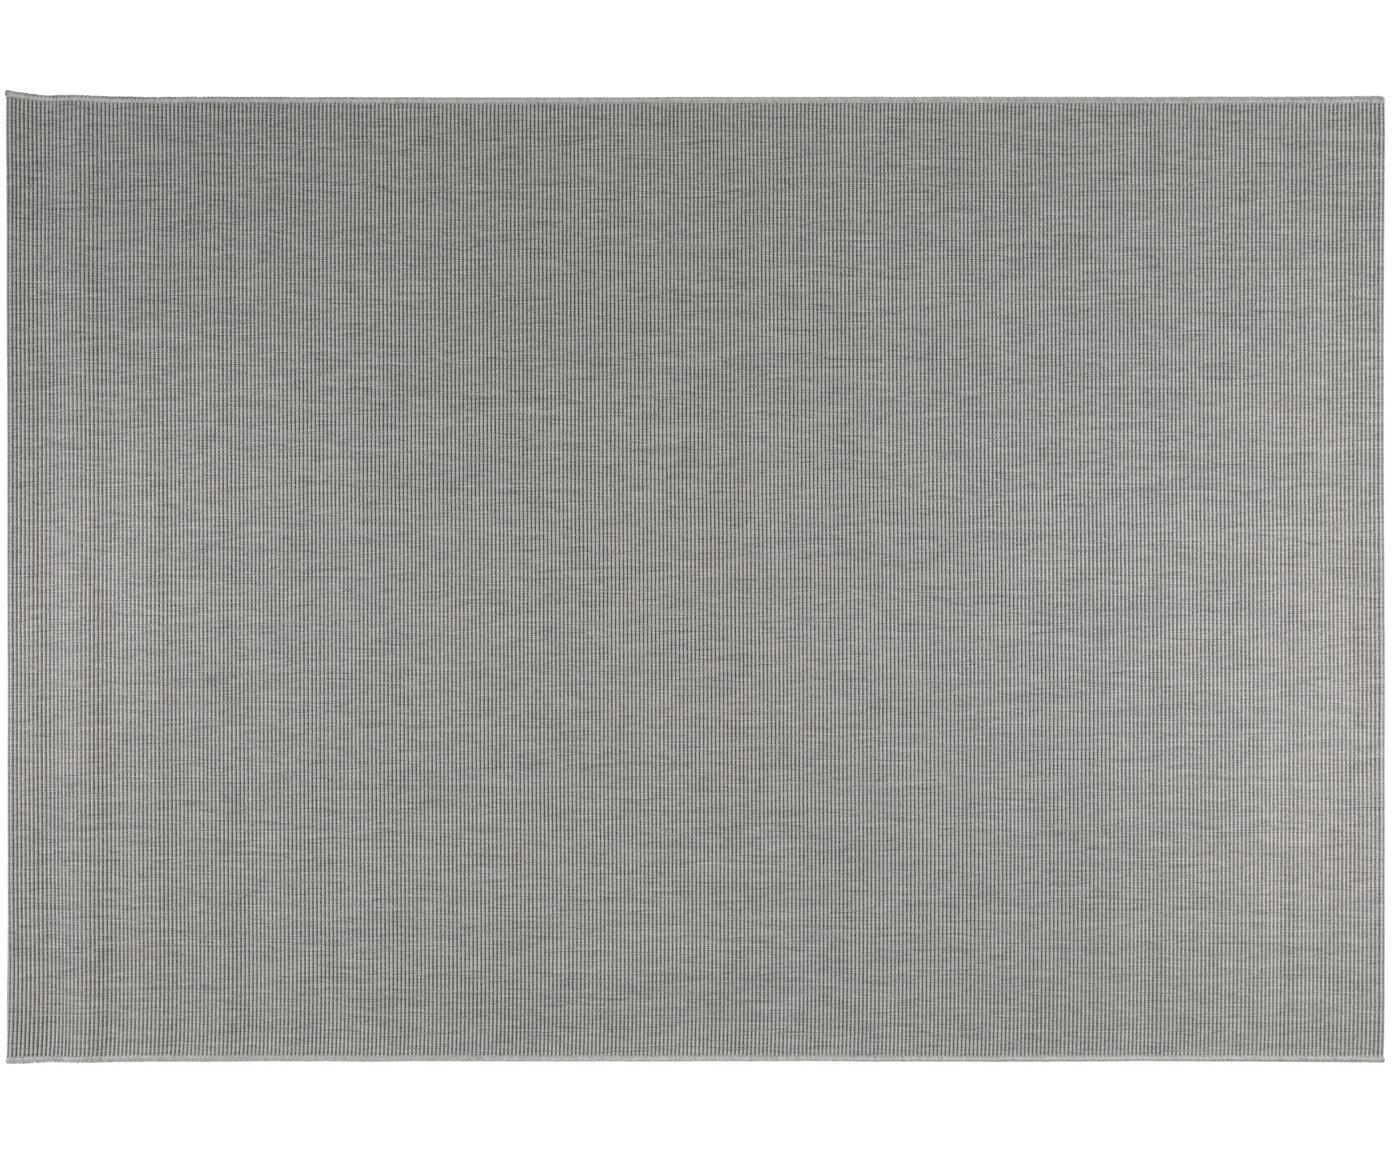 Tappeto da interno-esterno Metro, Polipropilene, Grigio chiaro, Larg. 80 x Lung. 150 cm (taglia XS)